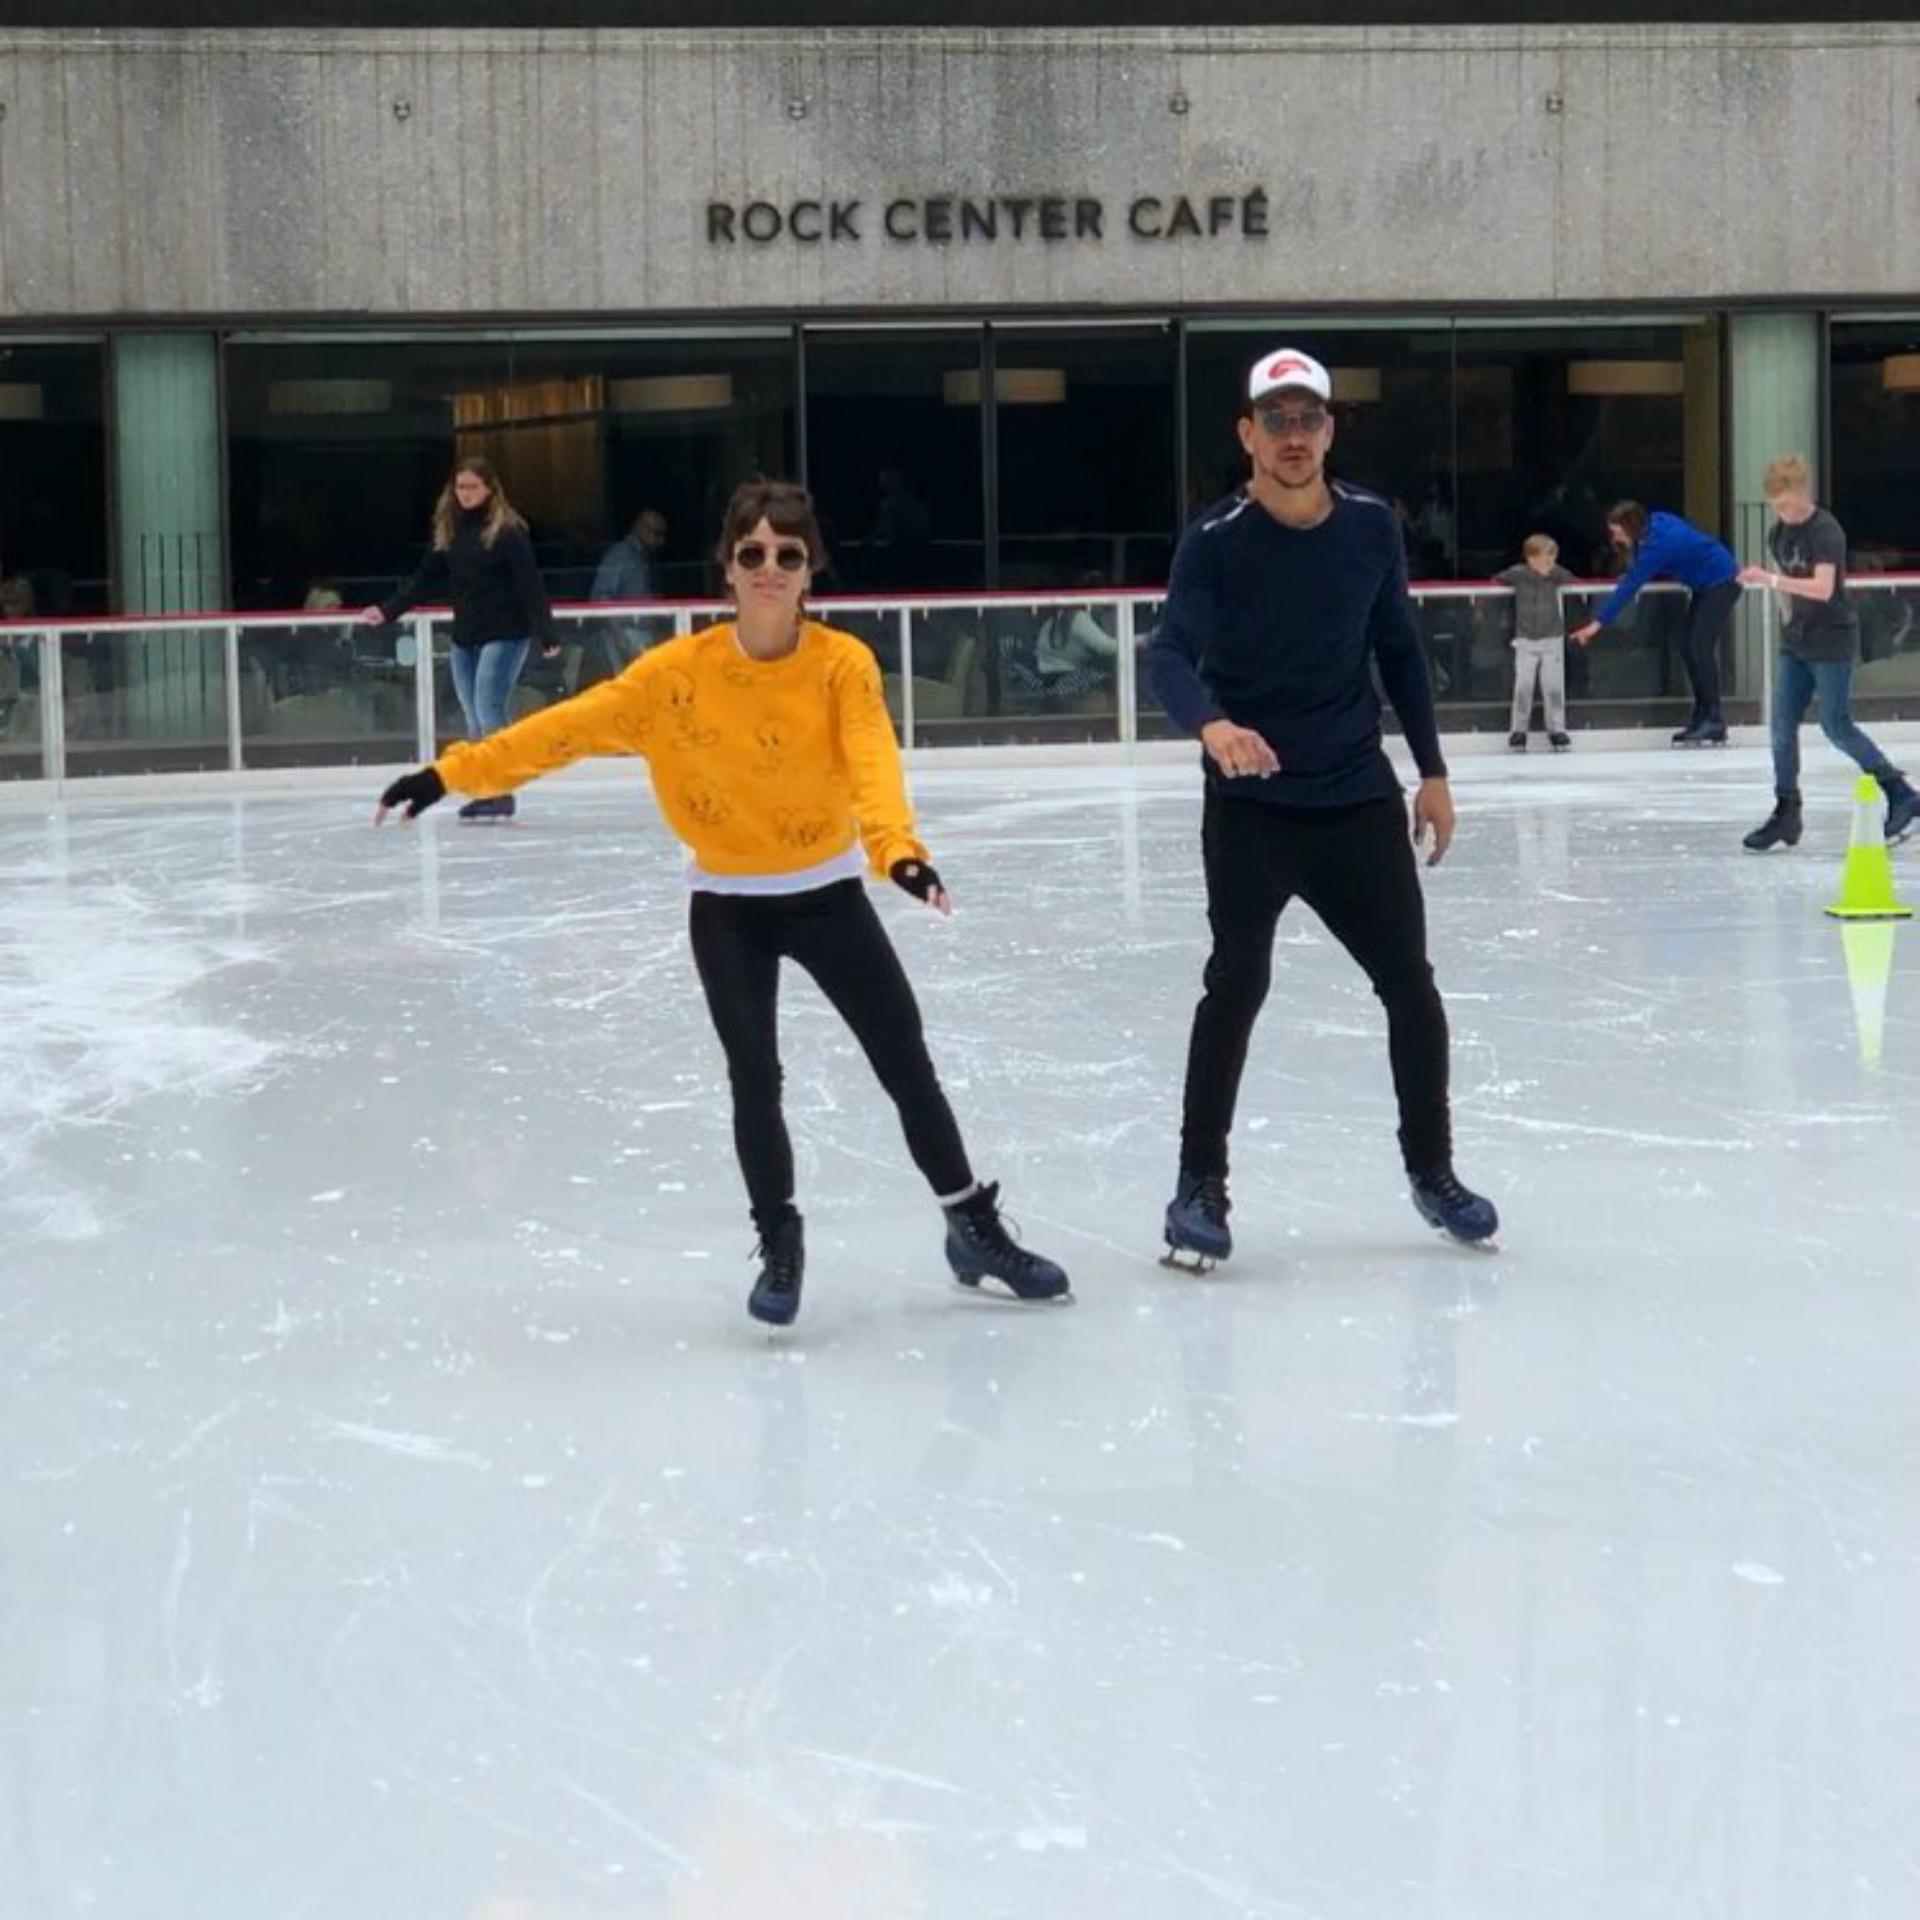 Si bien en Nueva York ya es primavera, las temperaturas siguen bajas y aún se puede disfrutar de la famosa pista de patinaje. (Foto Instagram)